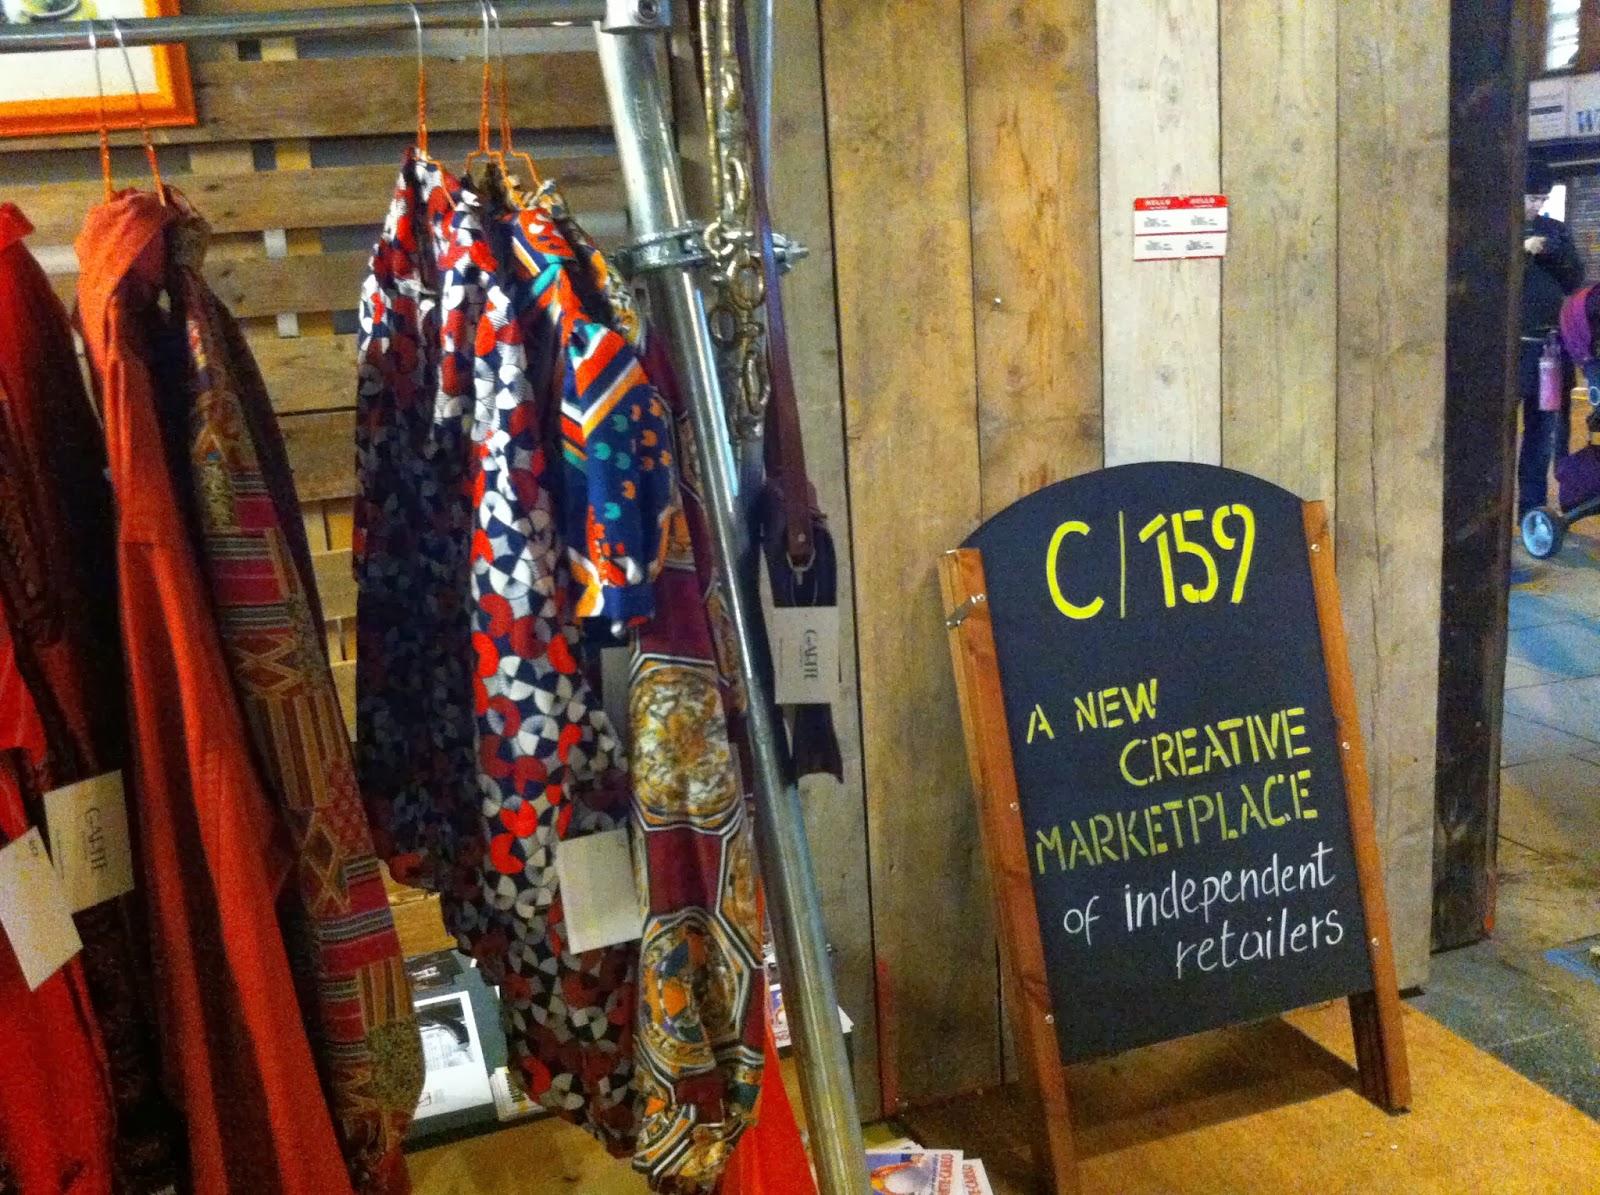 Camden Collective C/159